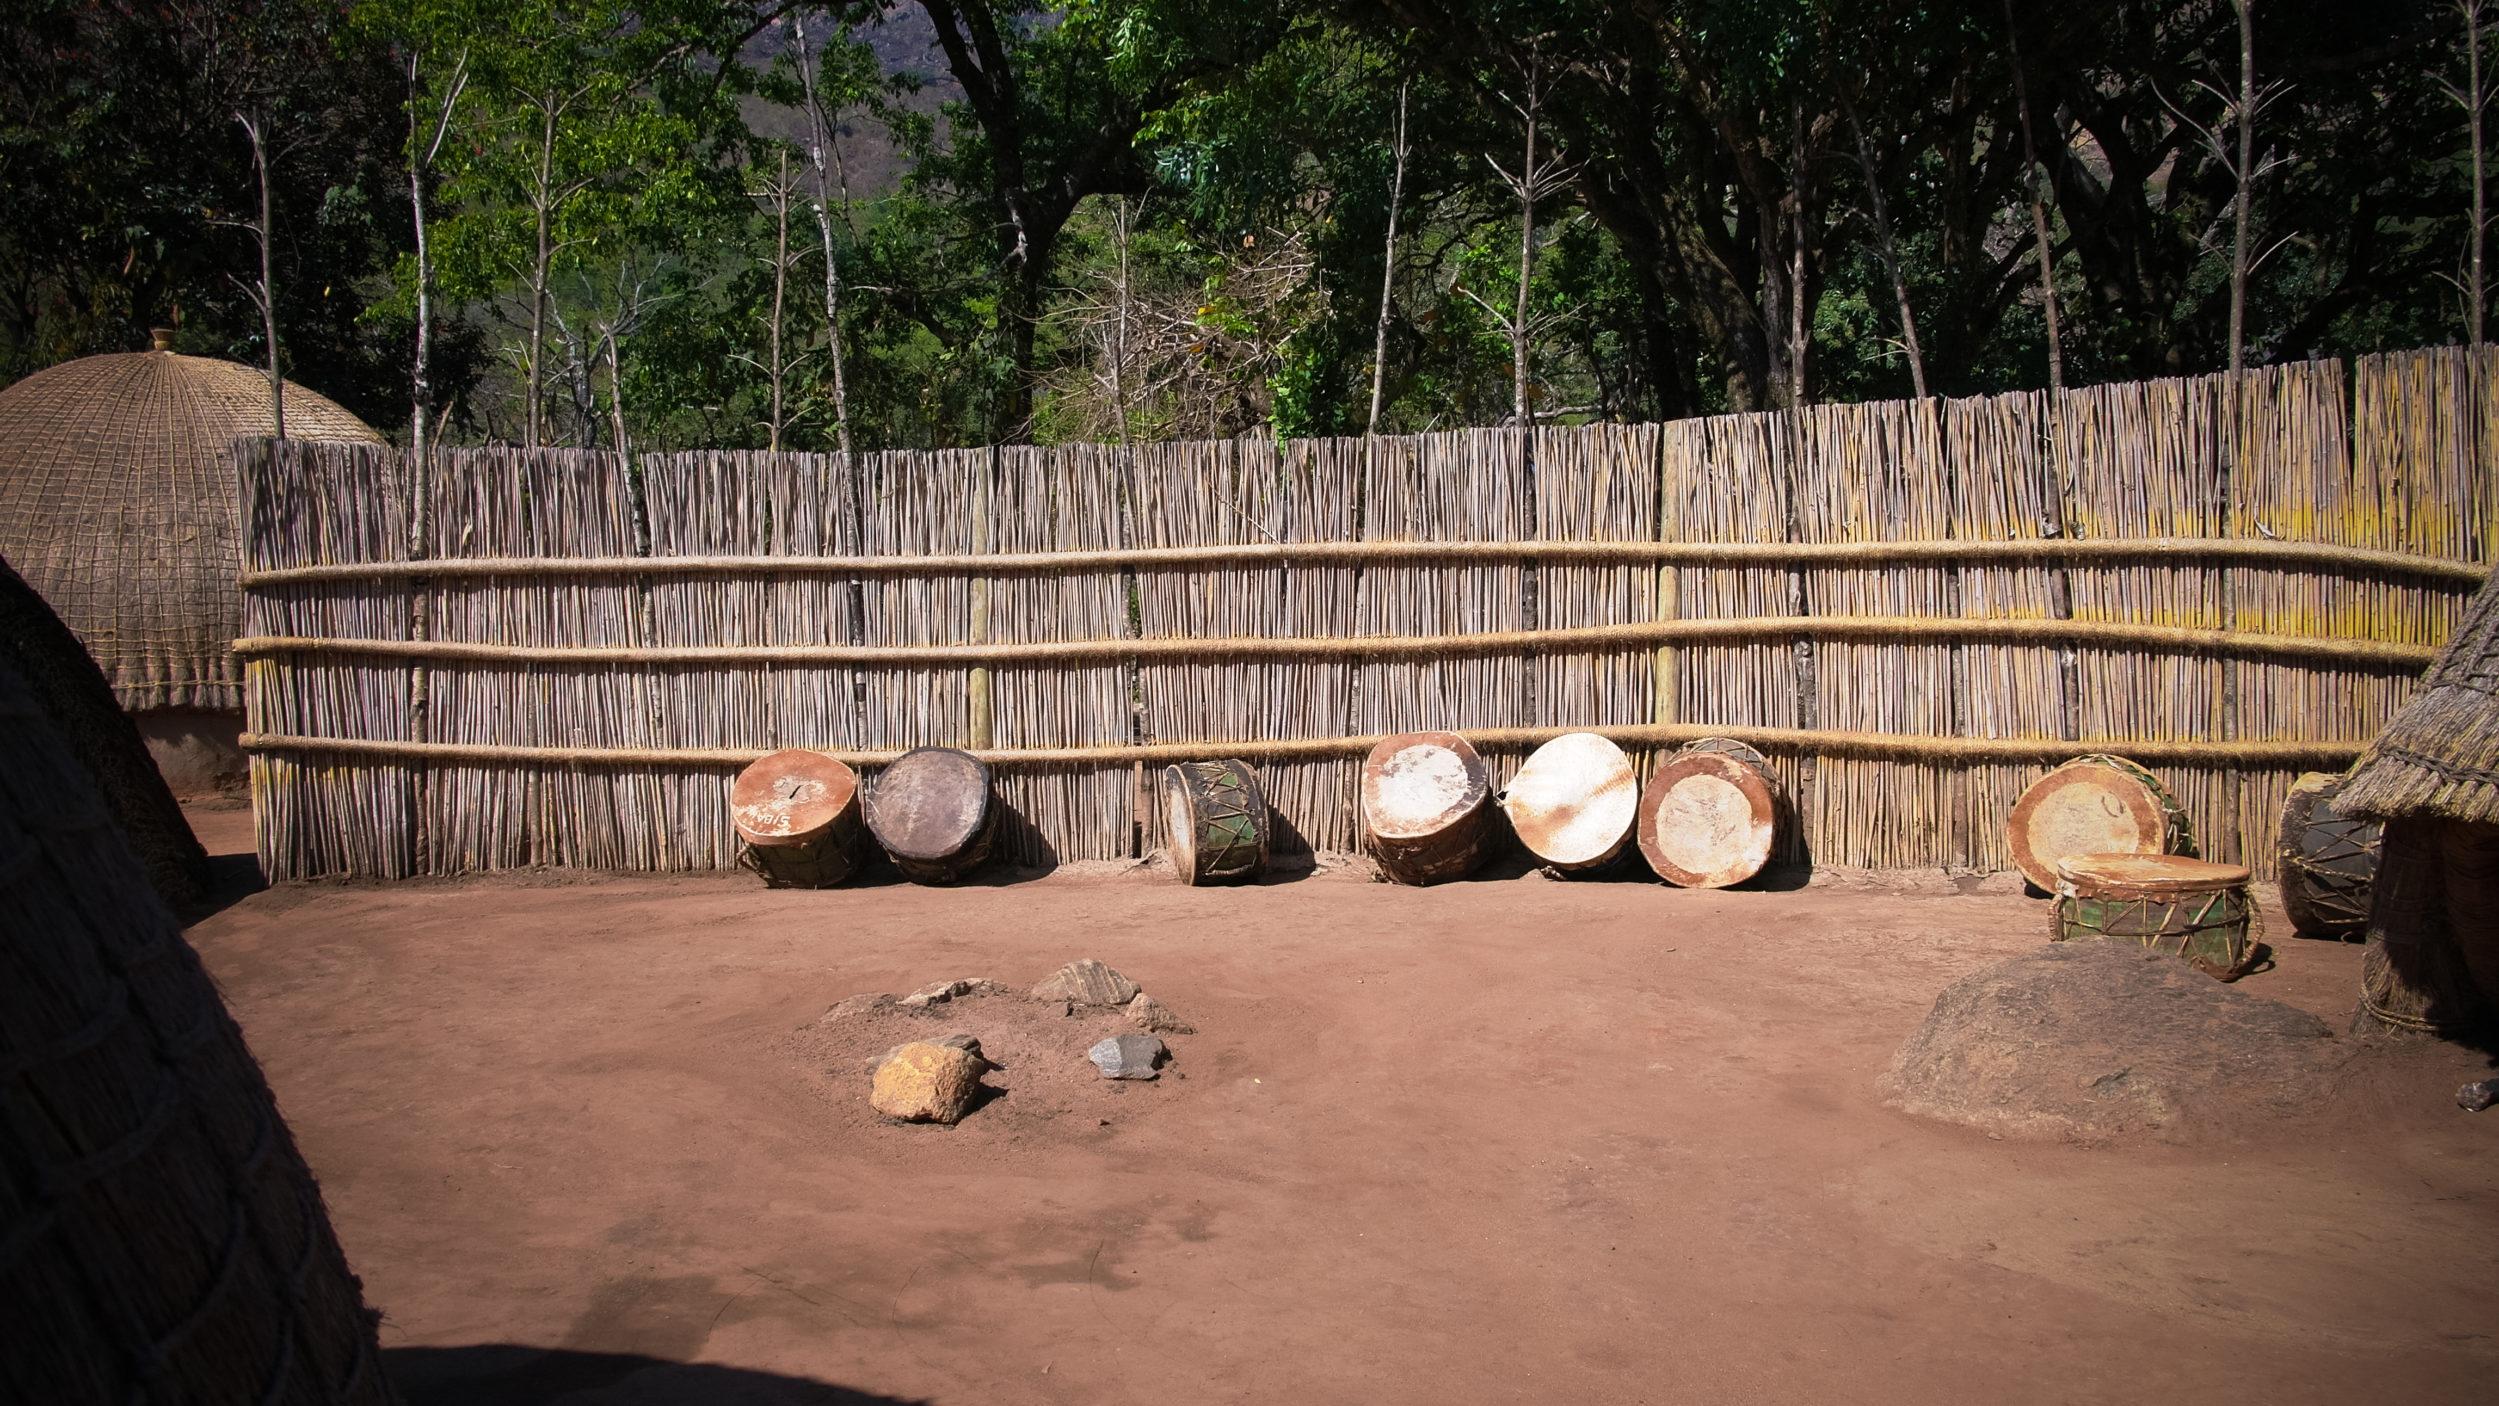 Eswatini [shutterstock]